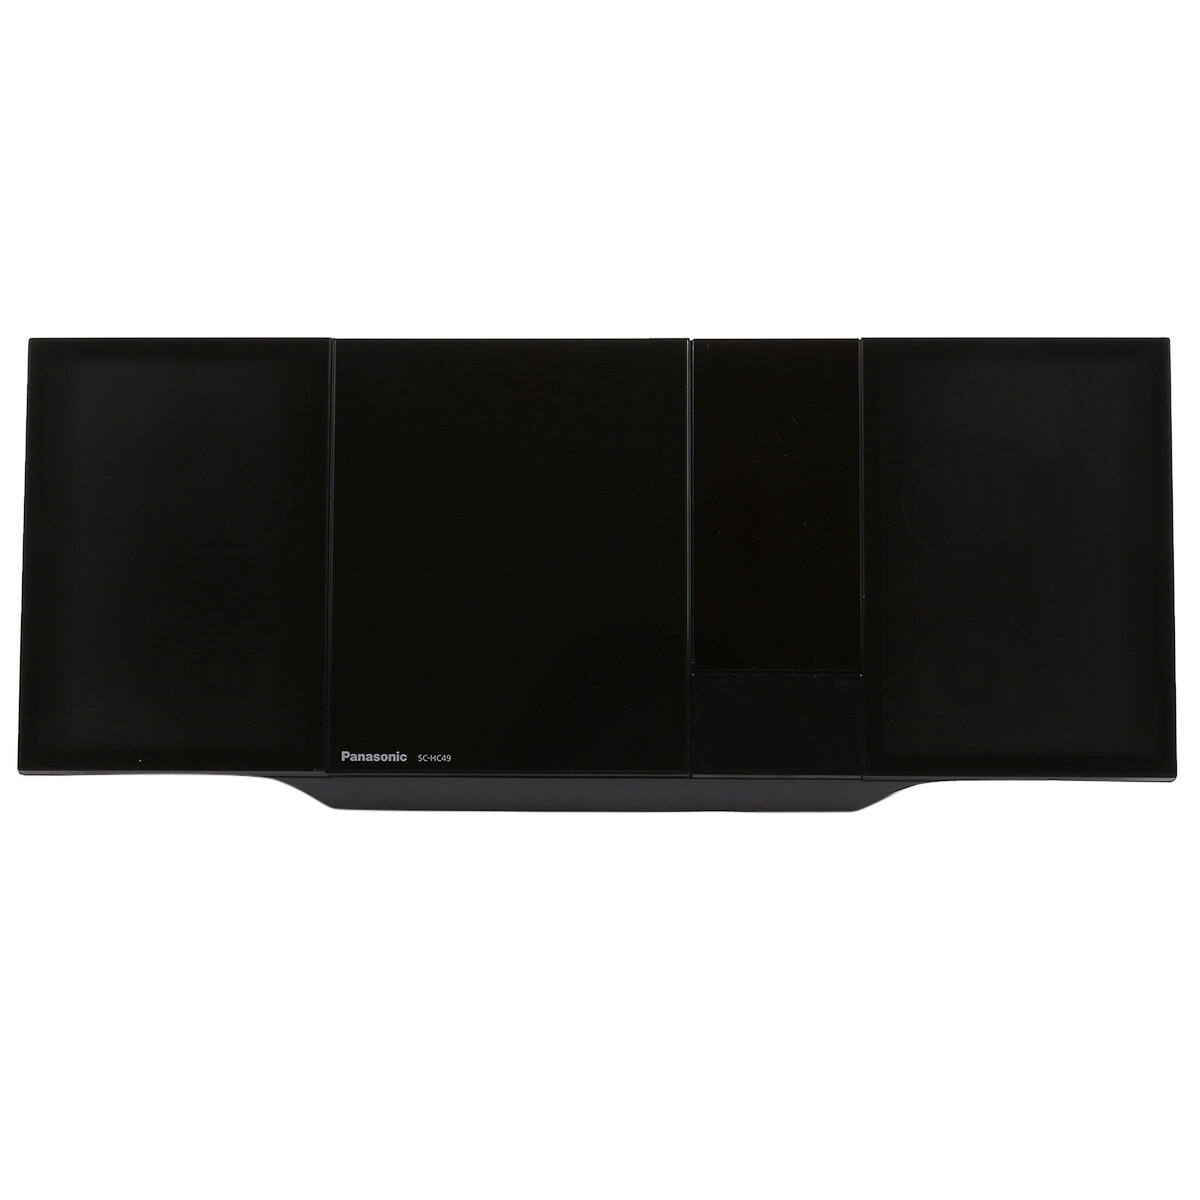 Đánh giá dàn âm thanh Hifi Panasonic SC-HC49GS-S/K